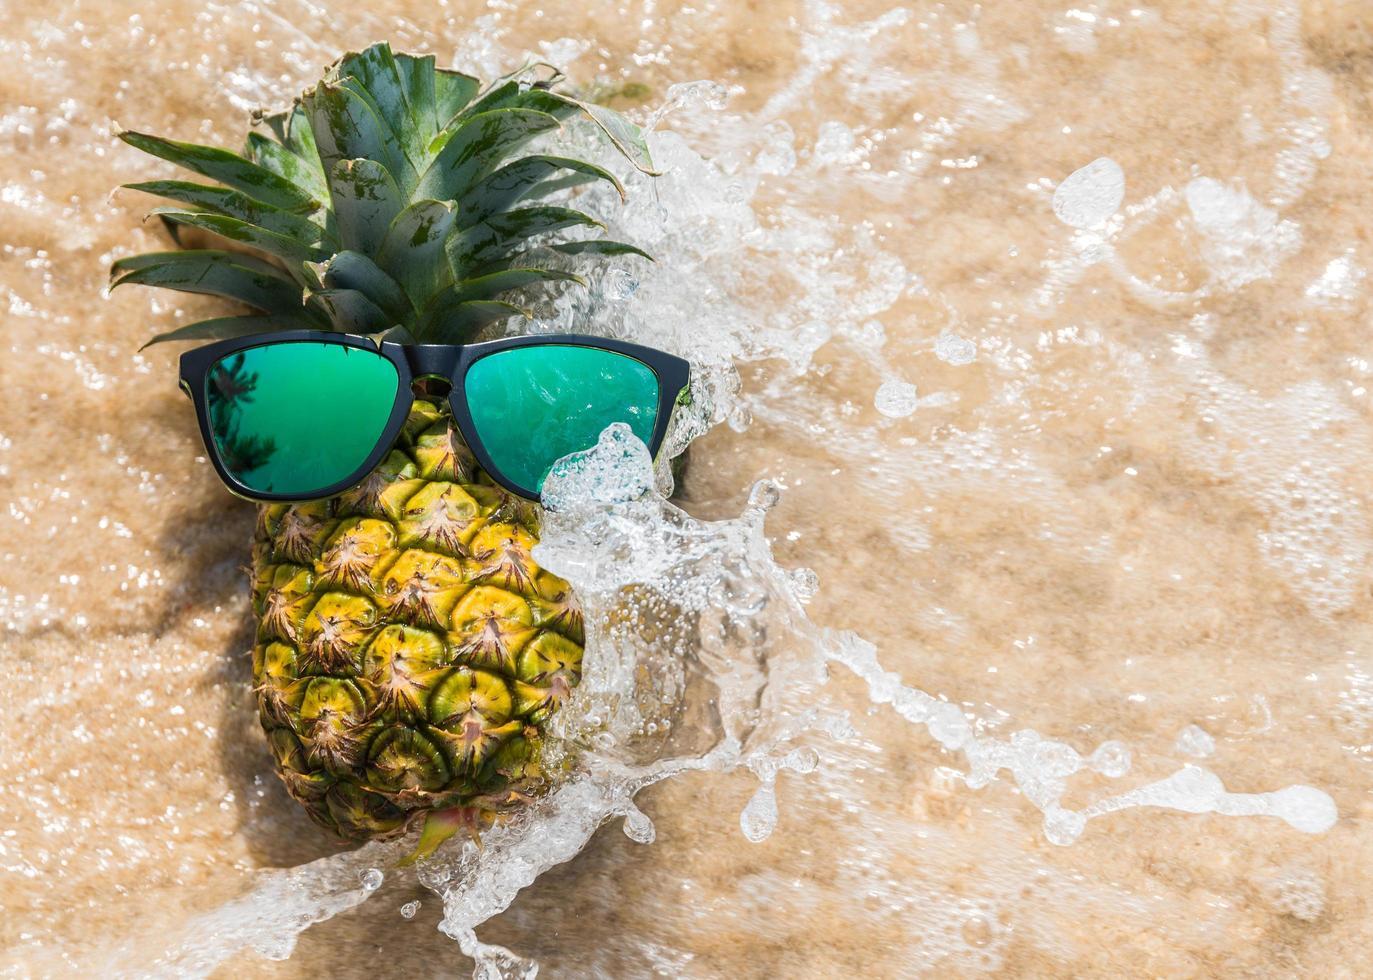 Ananas und Sonnenbrille voller Wellen foto